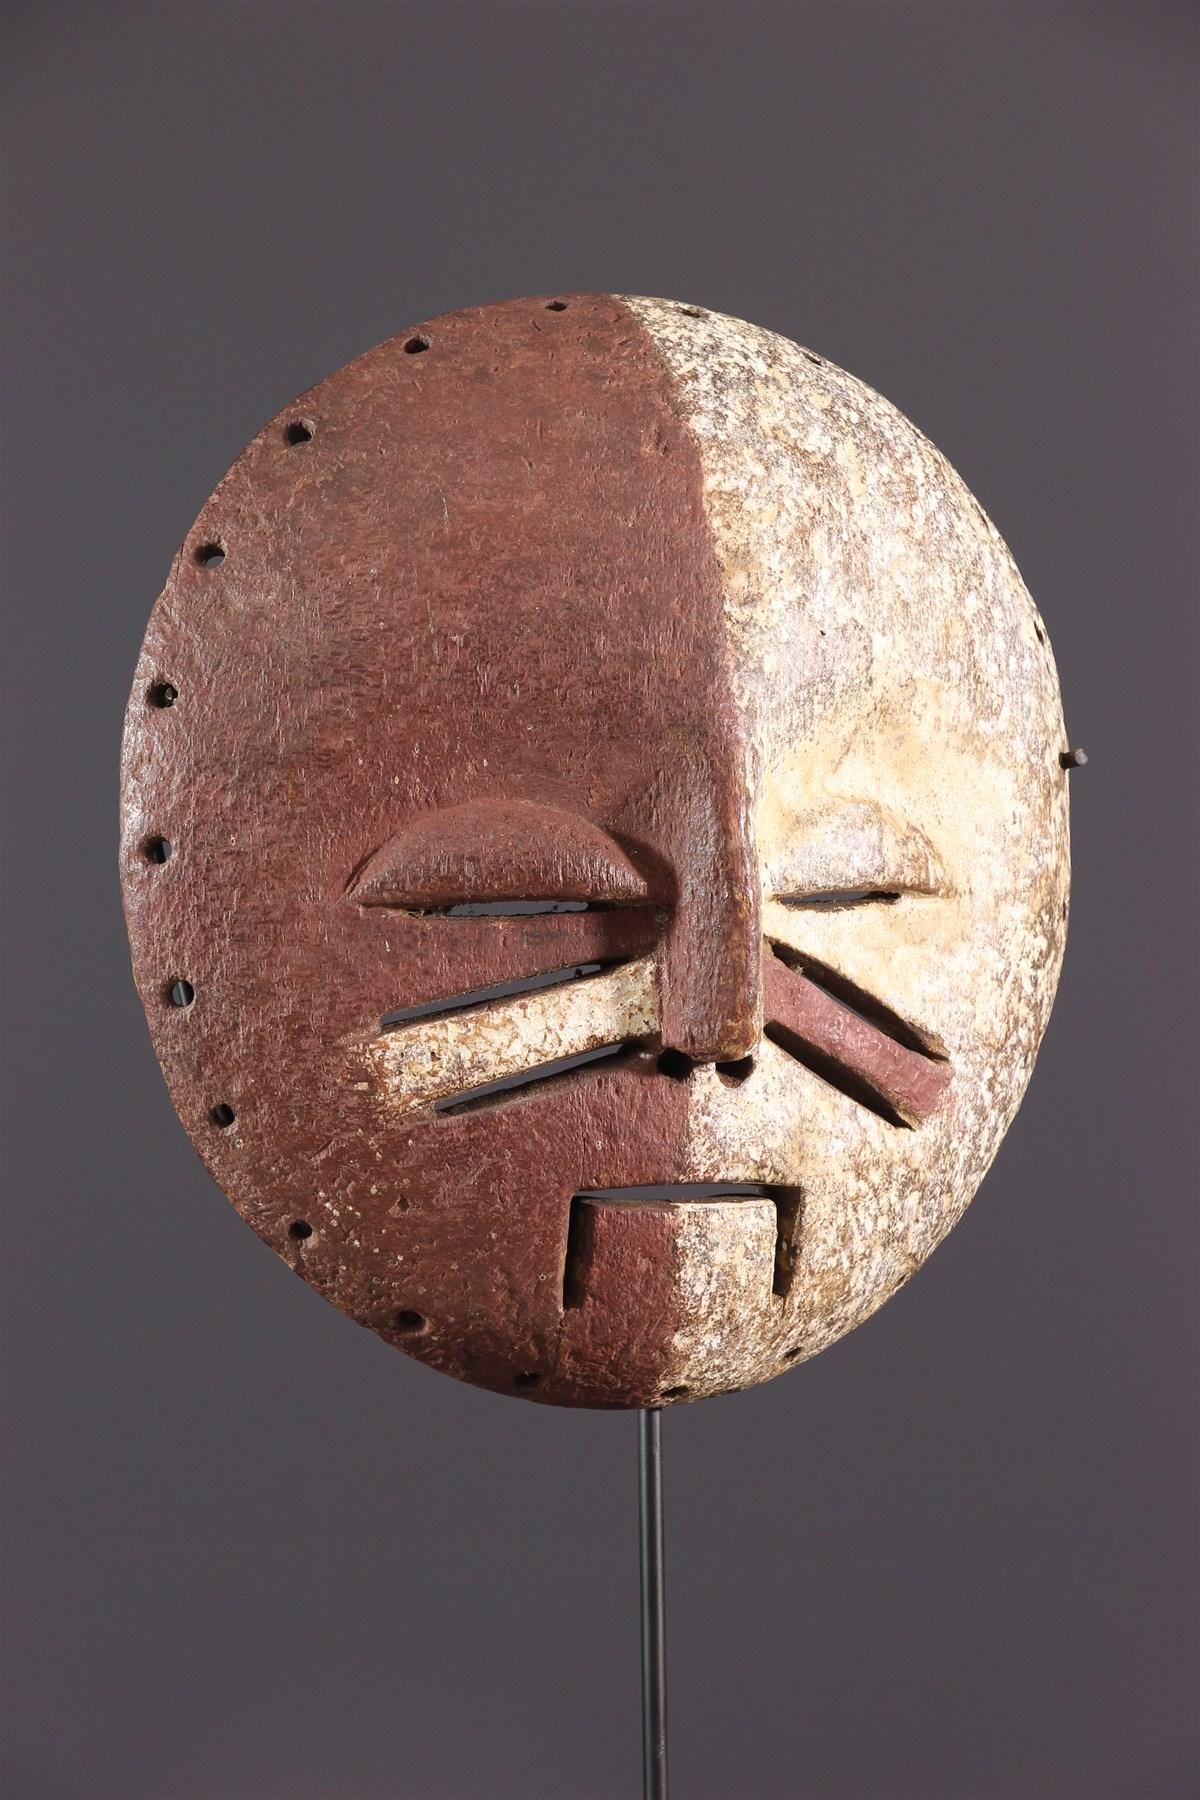 Masque bicolore Yela - art primitif